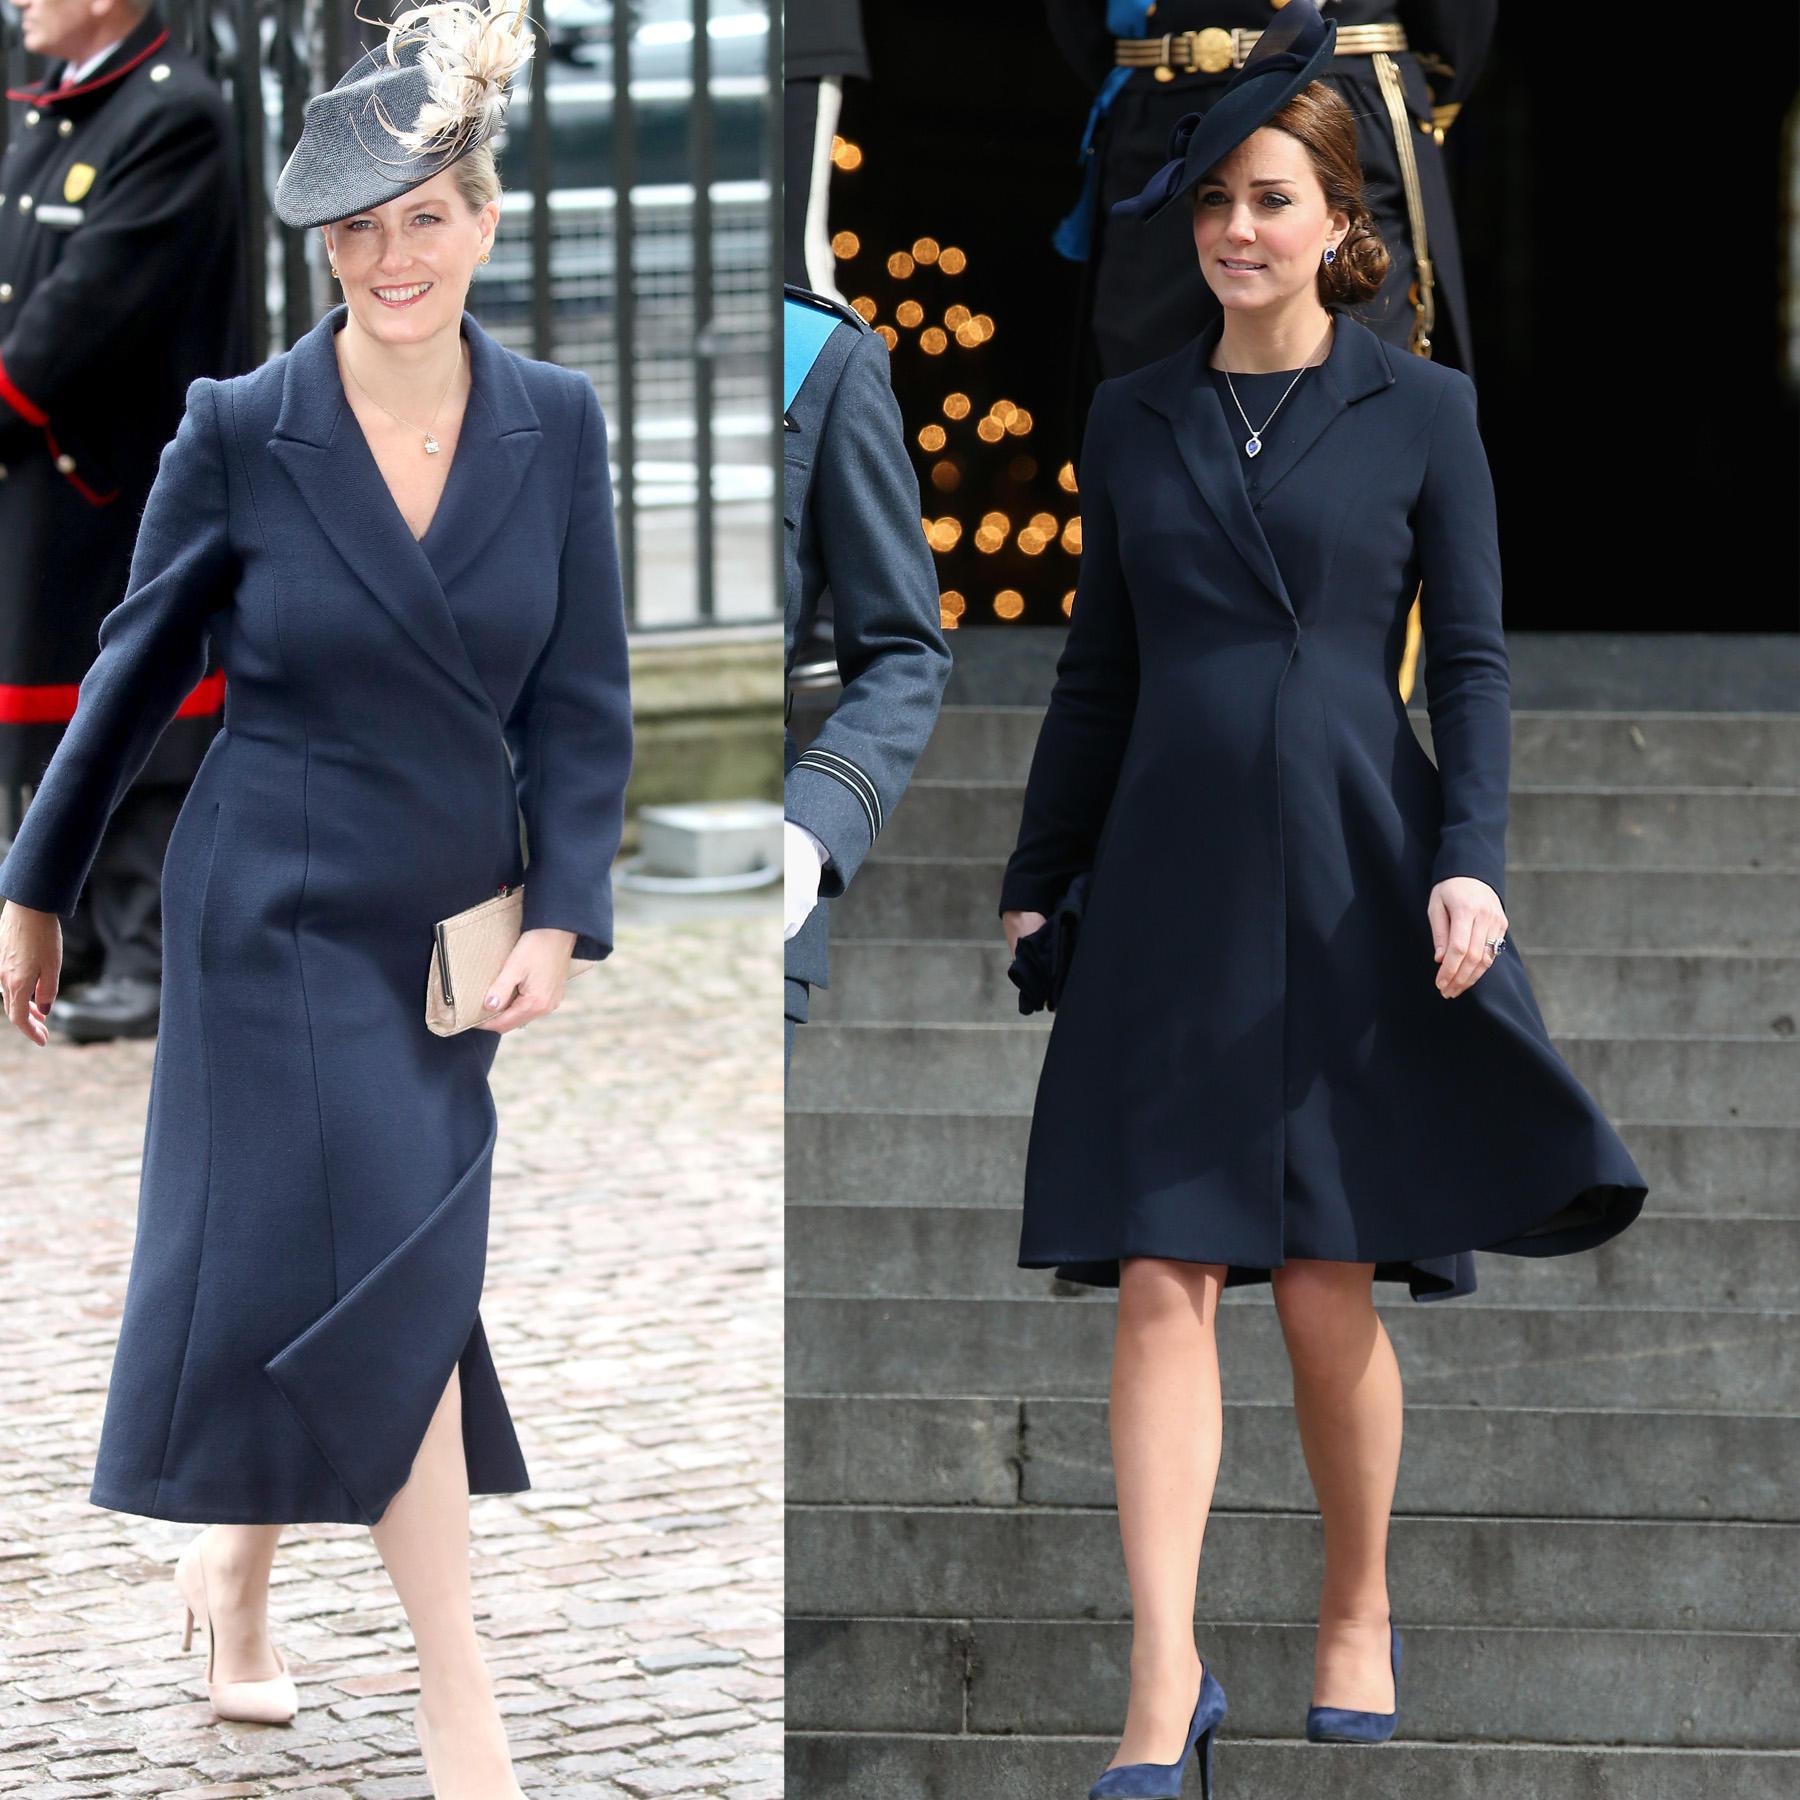 Auch die Farbe Dunkelblau ist sowohl in Kates als auch in Sophies Mantelabteilung im Kleiderschrank zu finden.